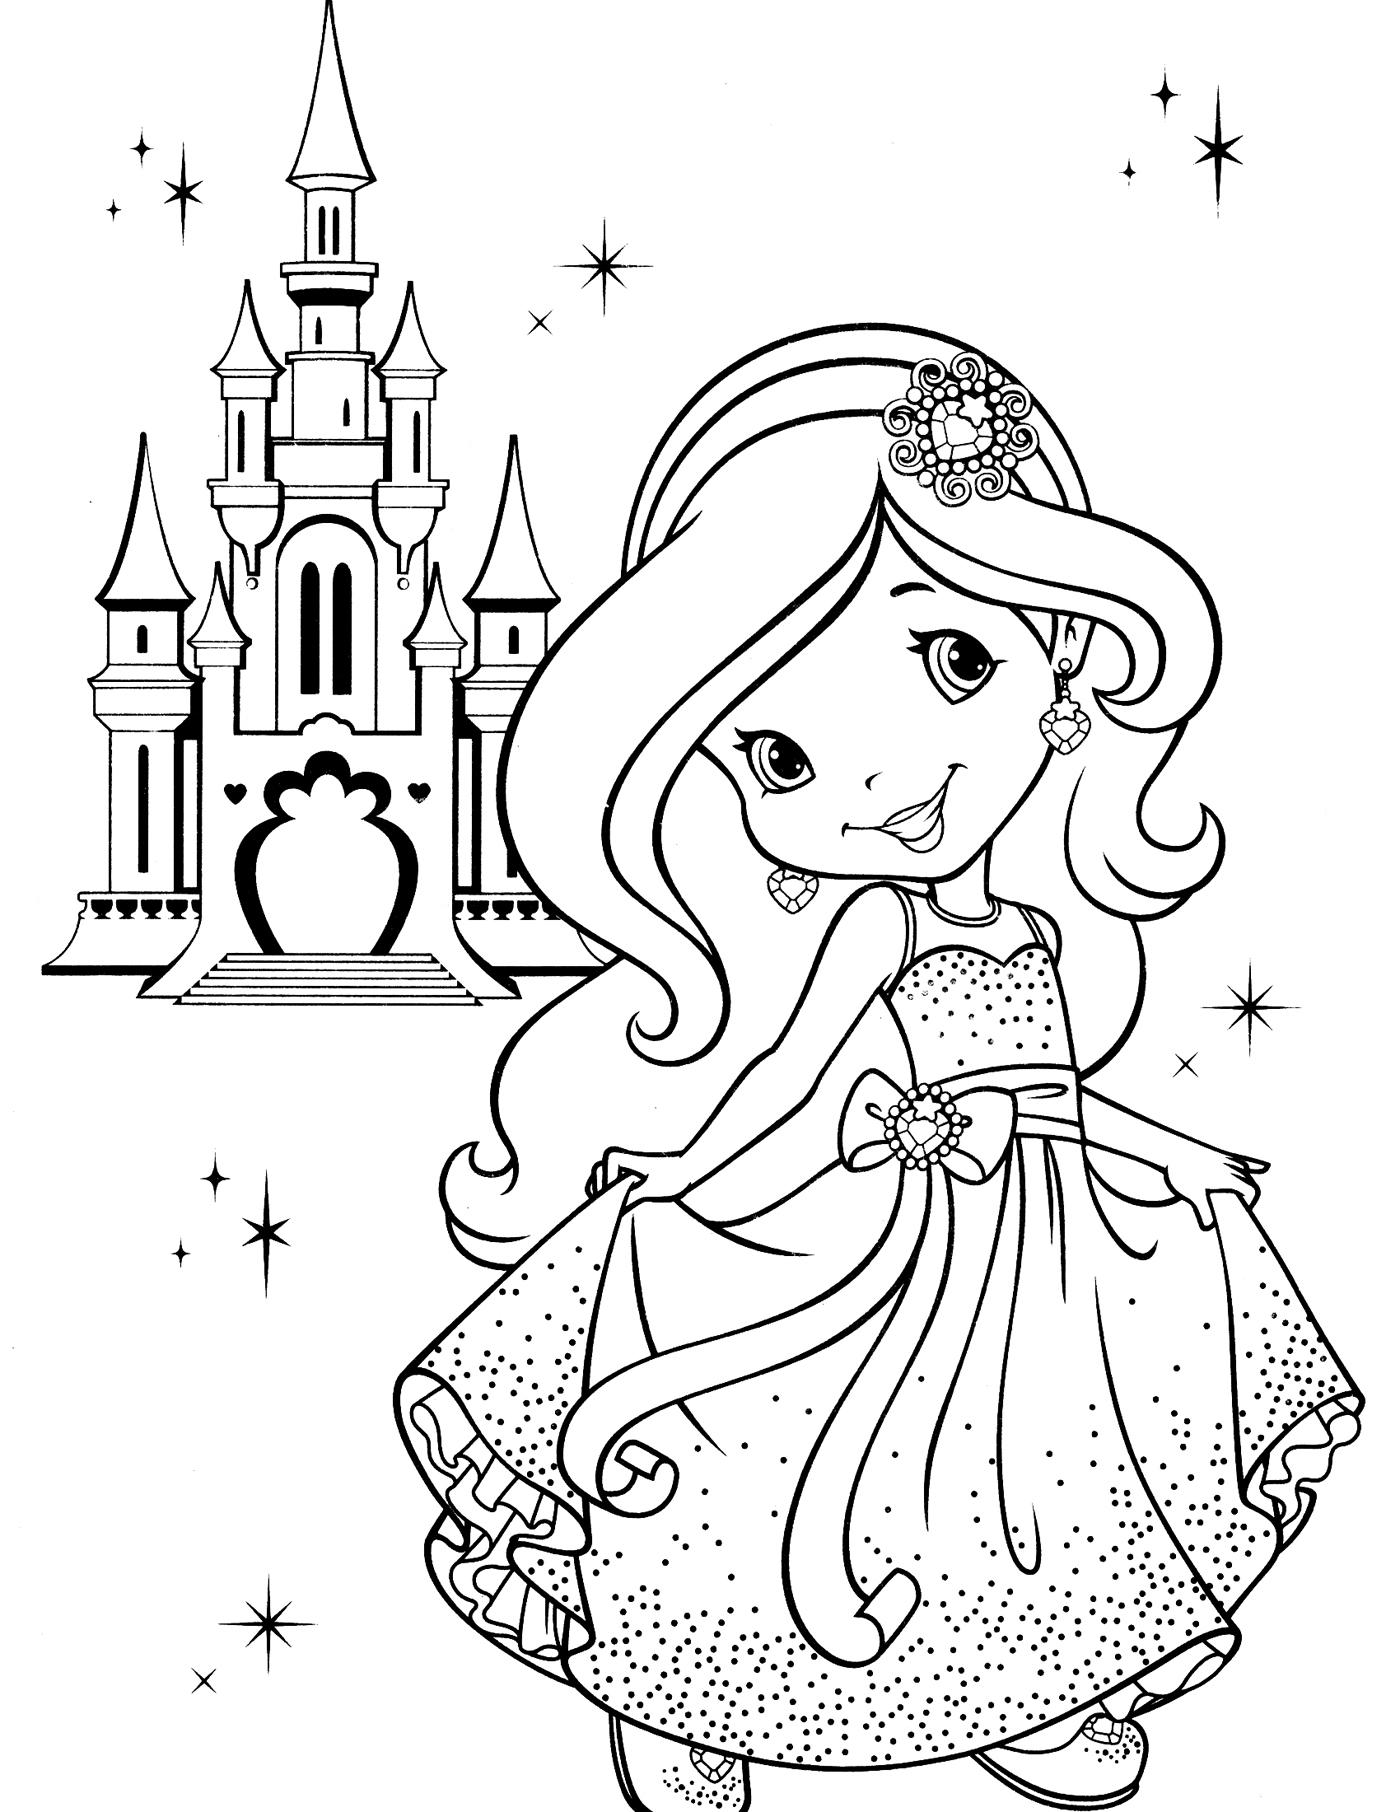 Раскраски замков с принцессами